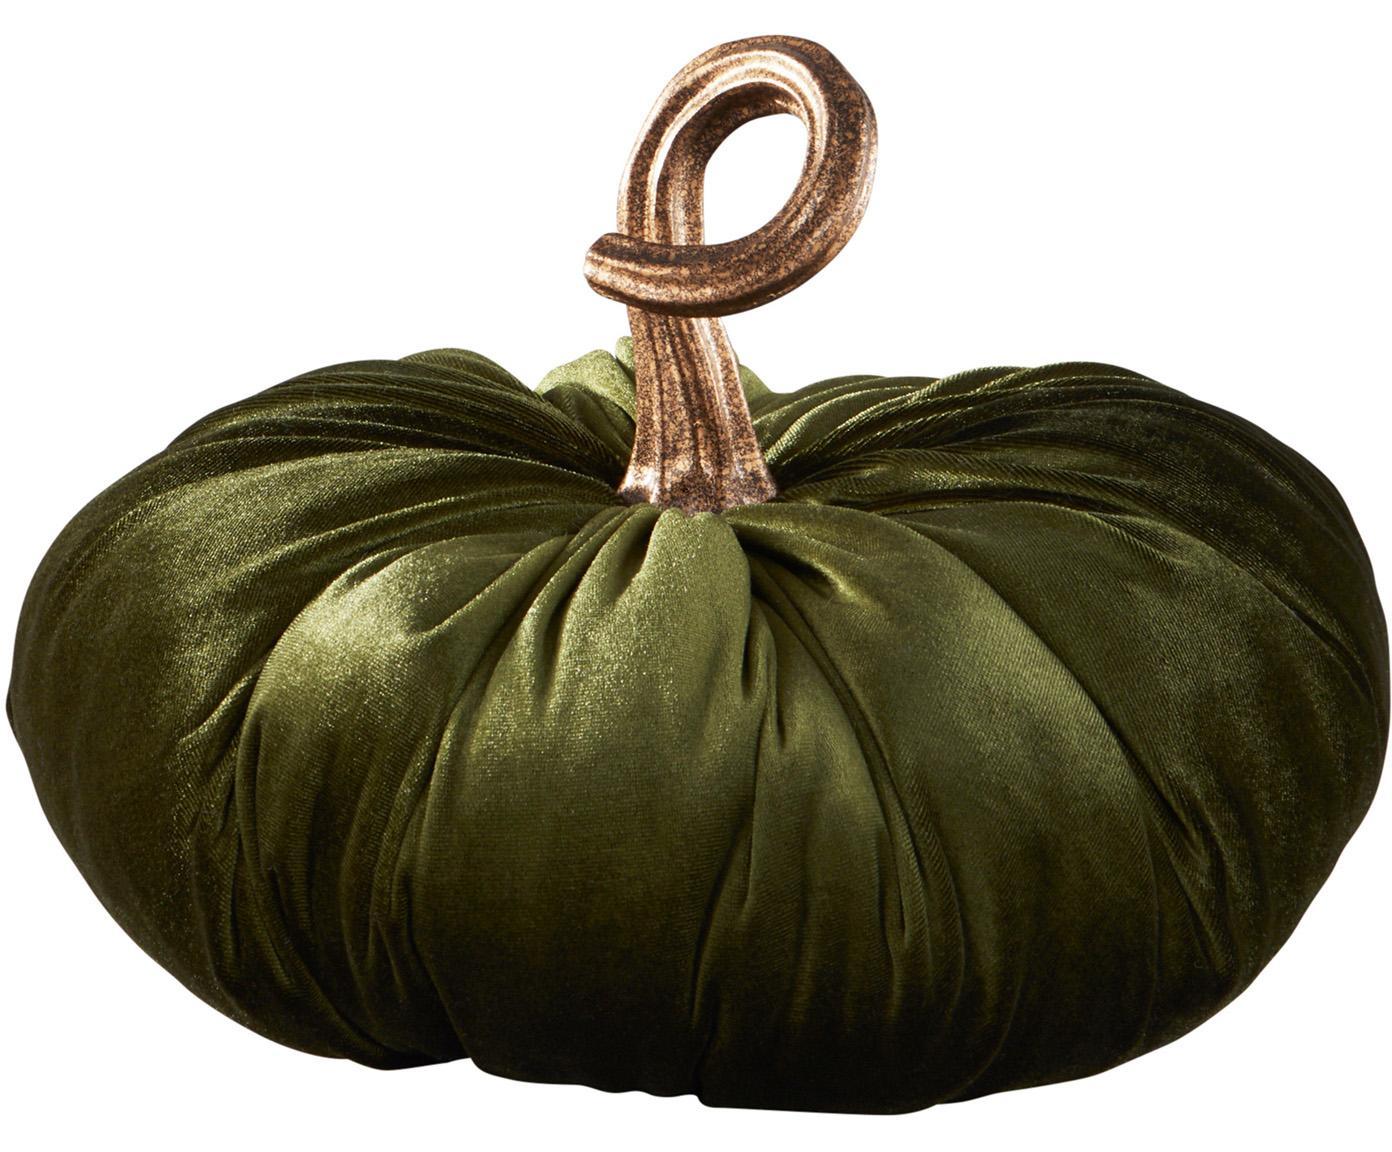 Zucca decorativa in velluto Pumpis, 15% poliresina, 35% acrilico, 25% poliestere, 25% riempimento con sabbia di quarzo, Verde scuro, Ø 24 x Alt. 22 cm